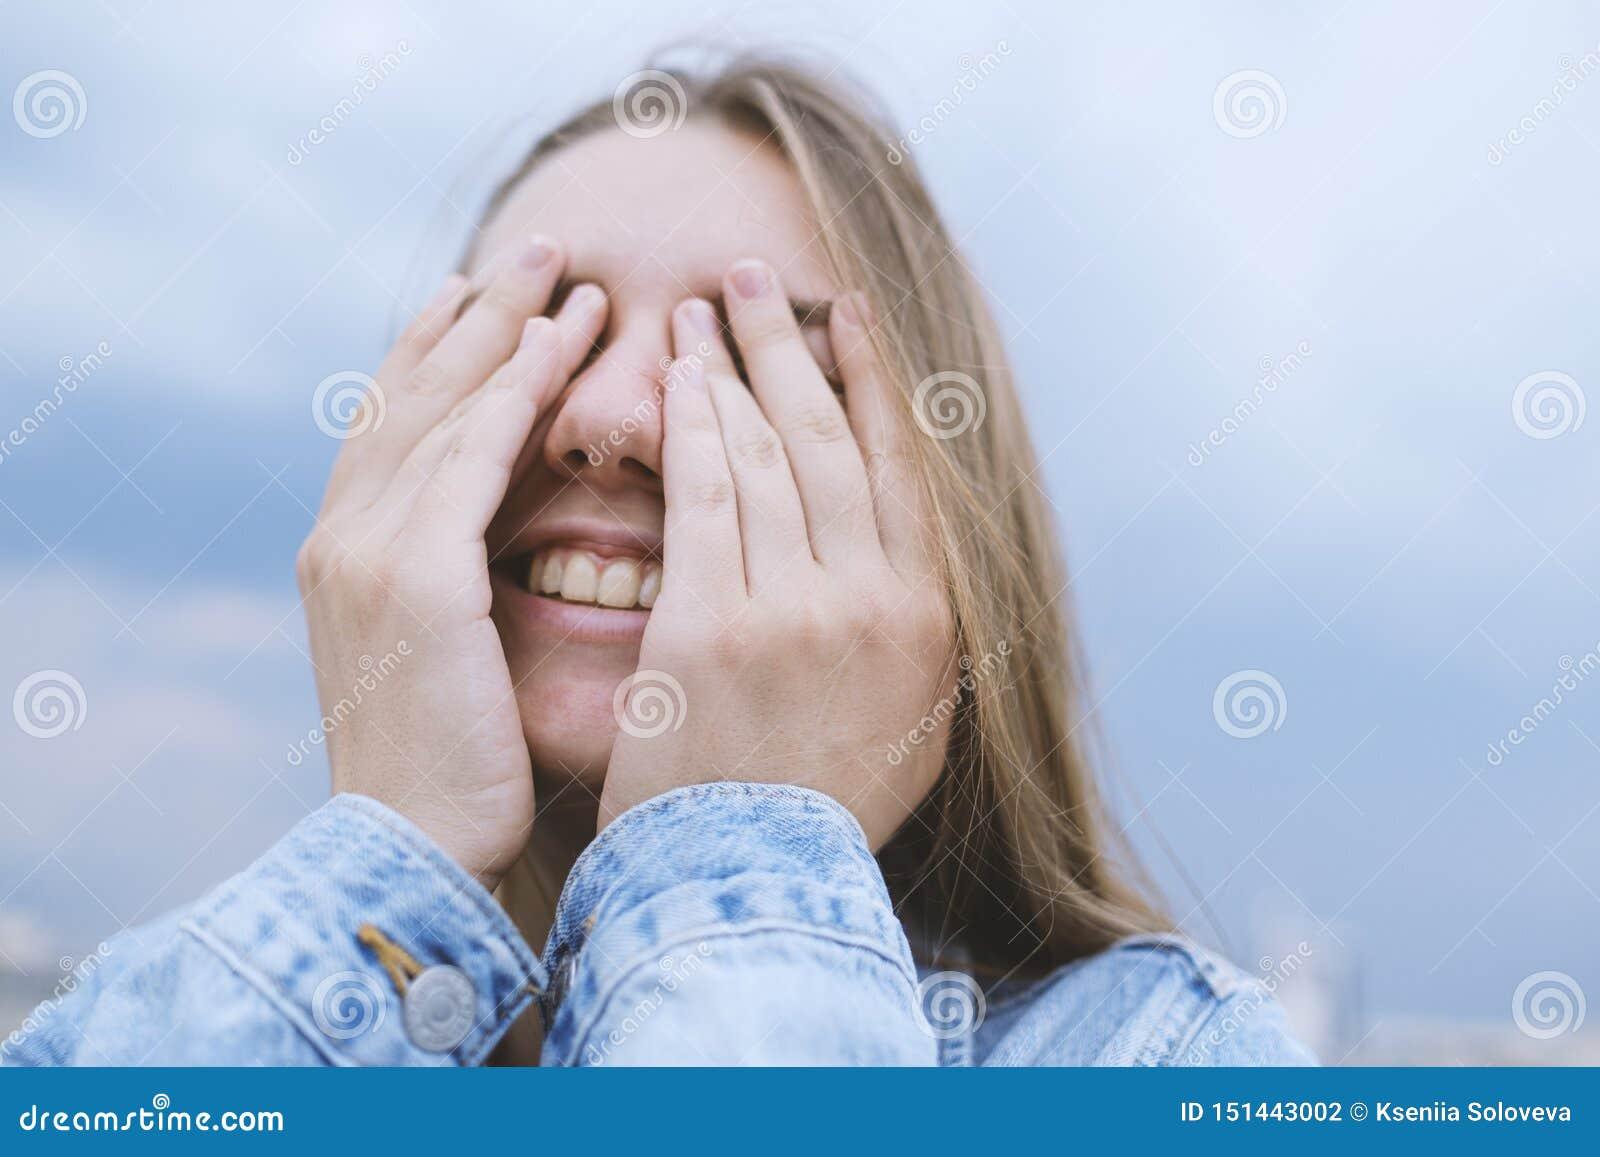 Junge Frau, die ihre Augen mit ihren H?nden abdeckt Positive Gefühle, Gelächter, Lächeln, Freude